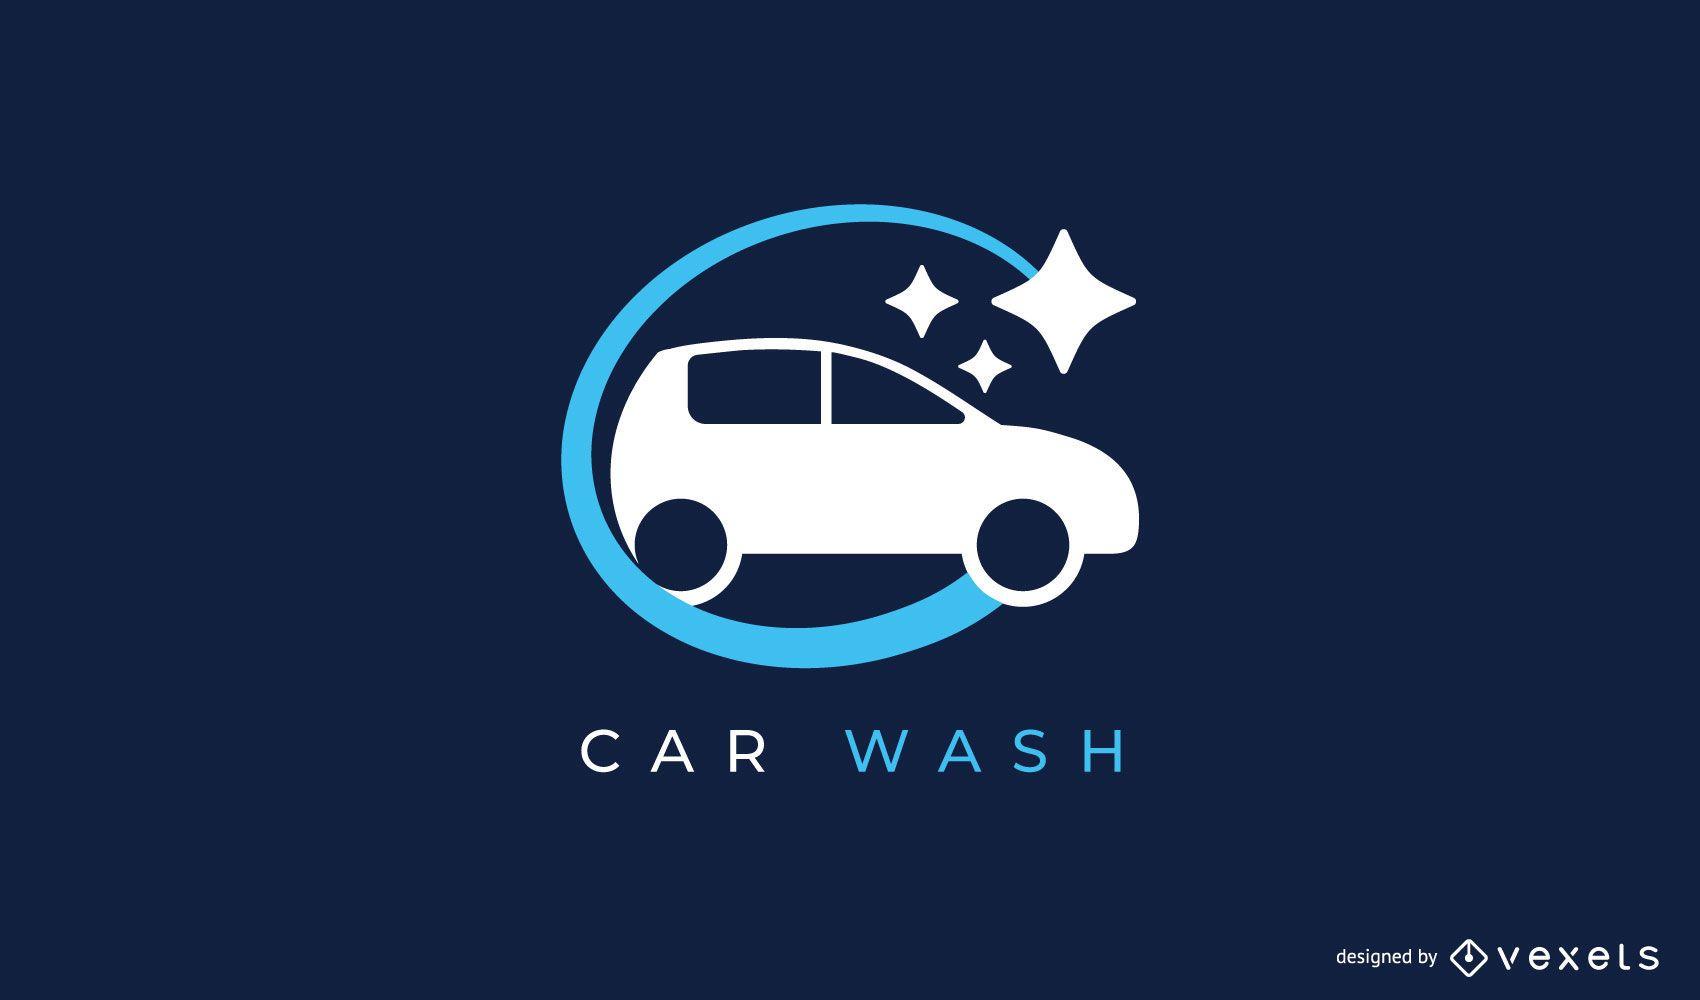 Modelo de design de logotipo para lavagem de carro